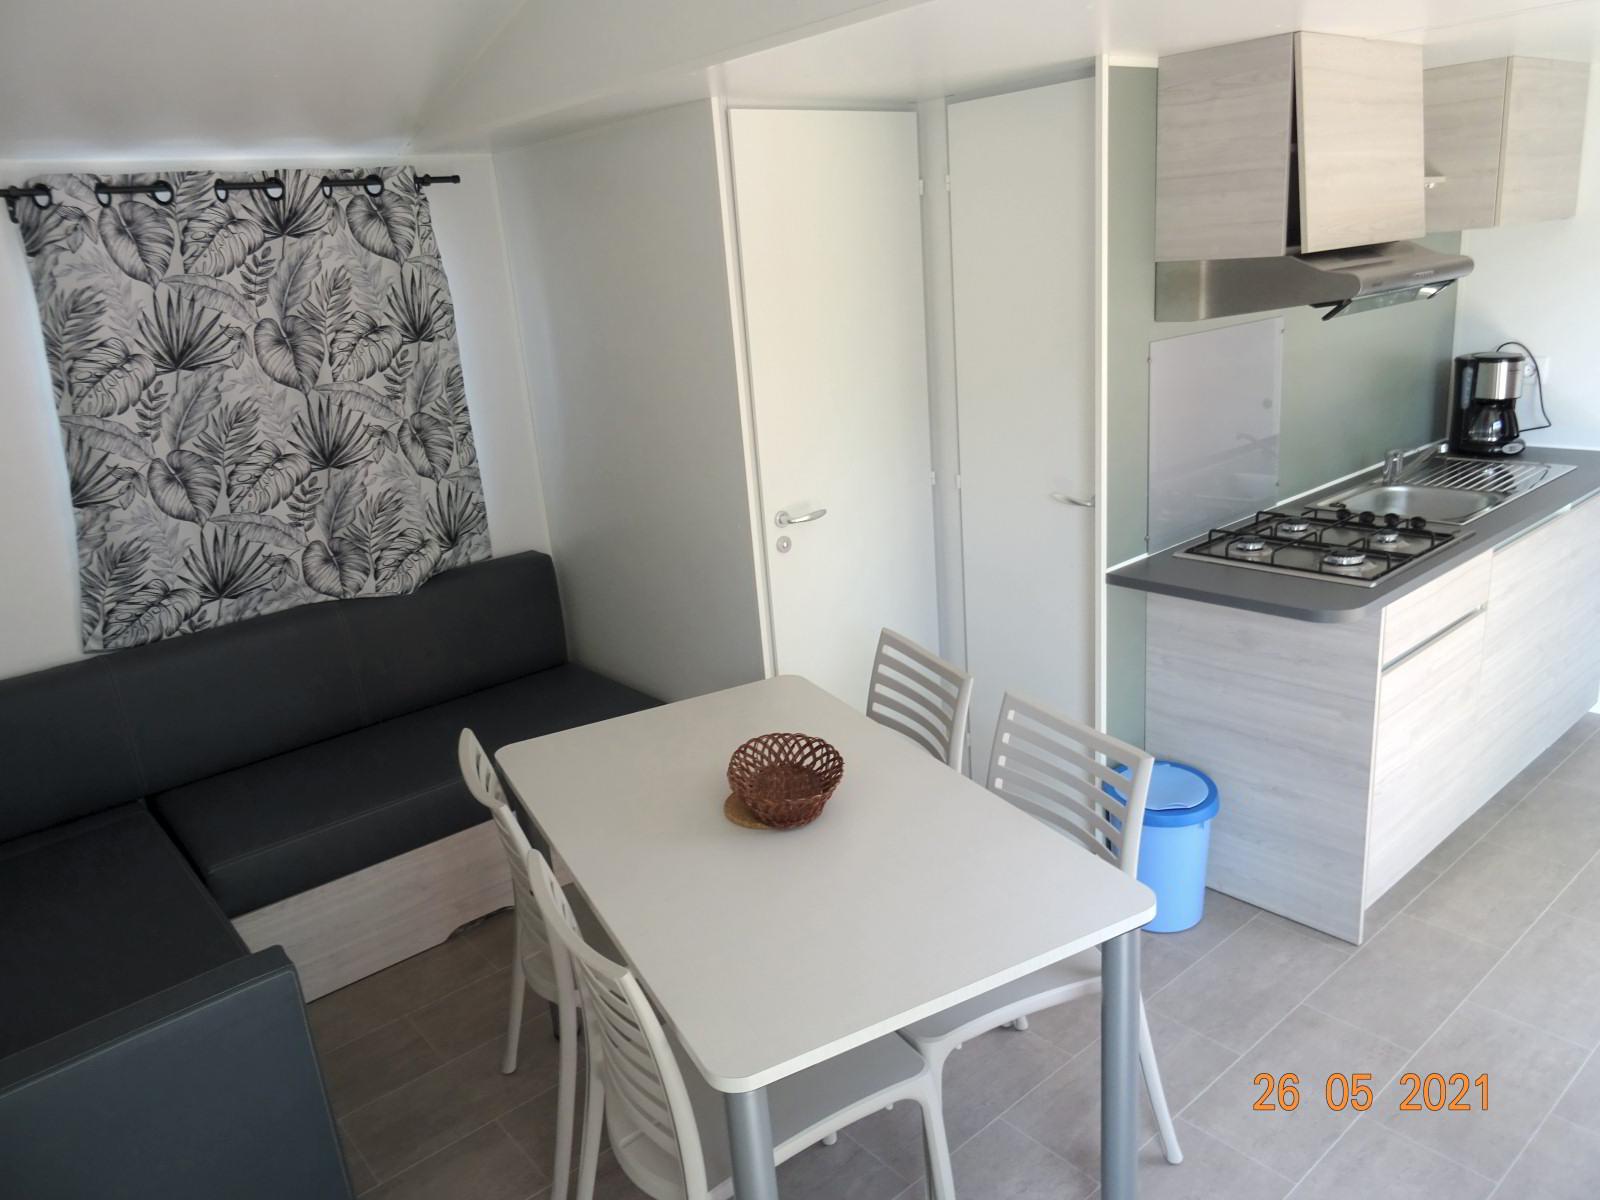 Séjour et cuisine, nouveau mobil home 2 chambres